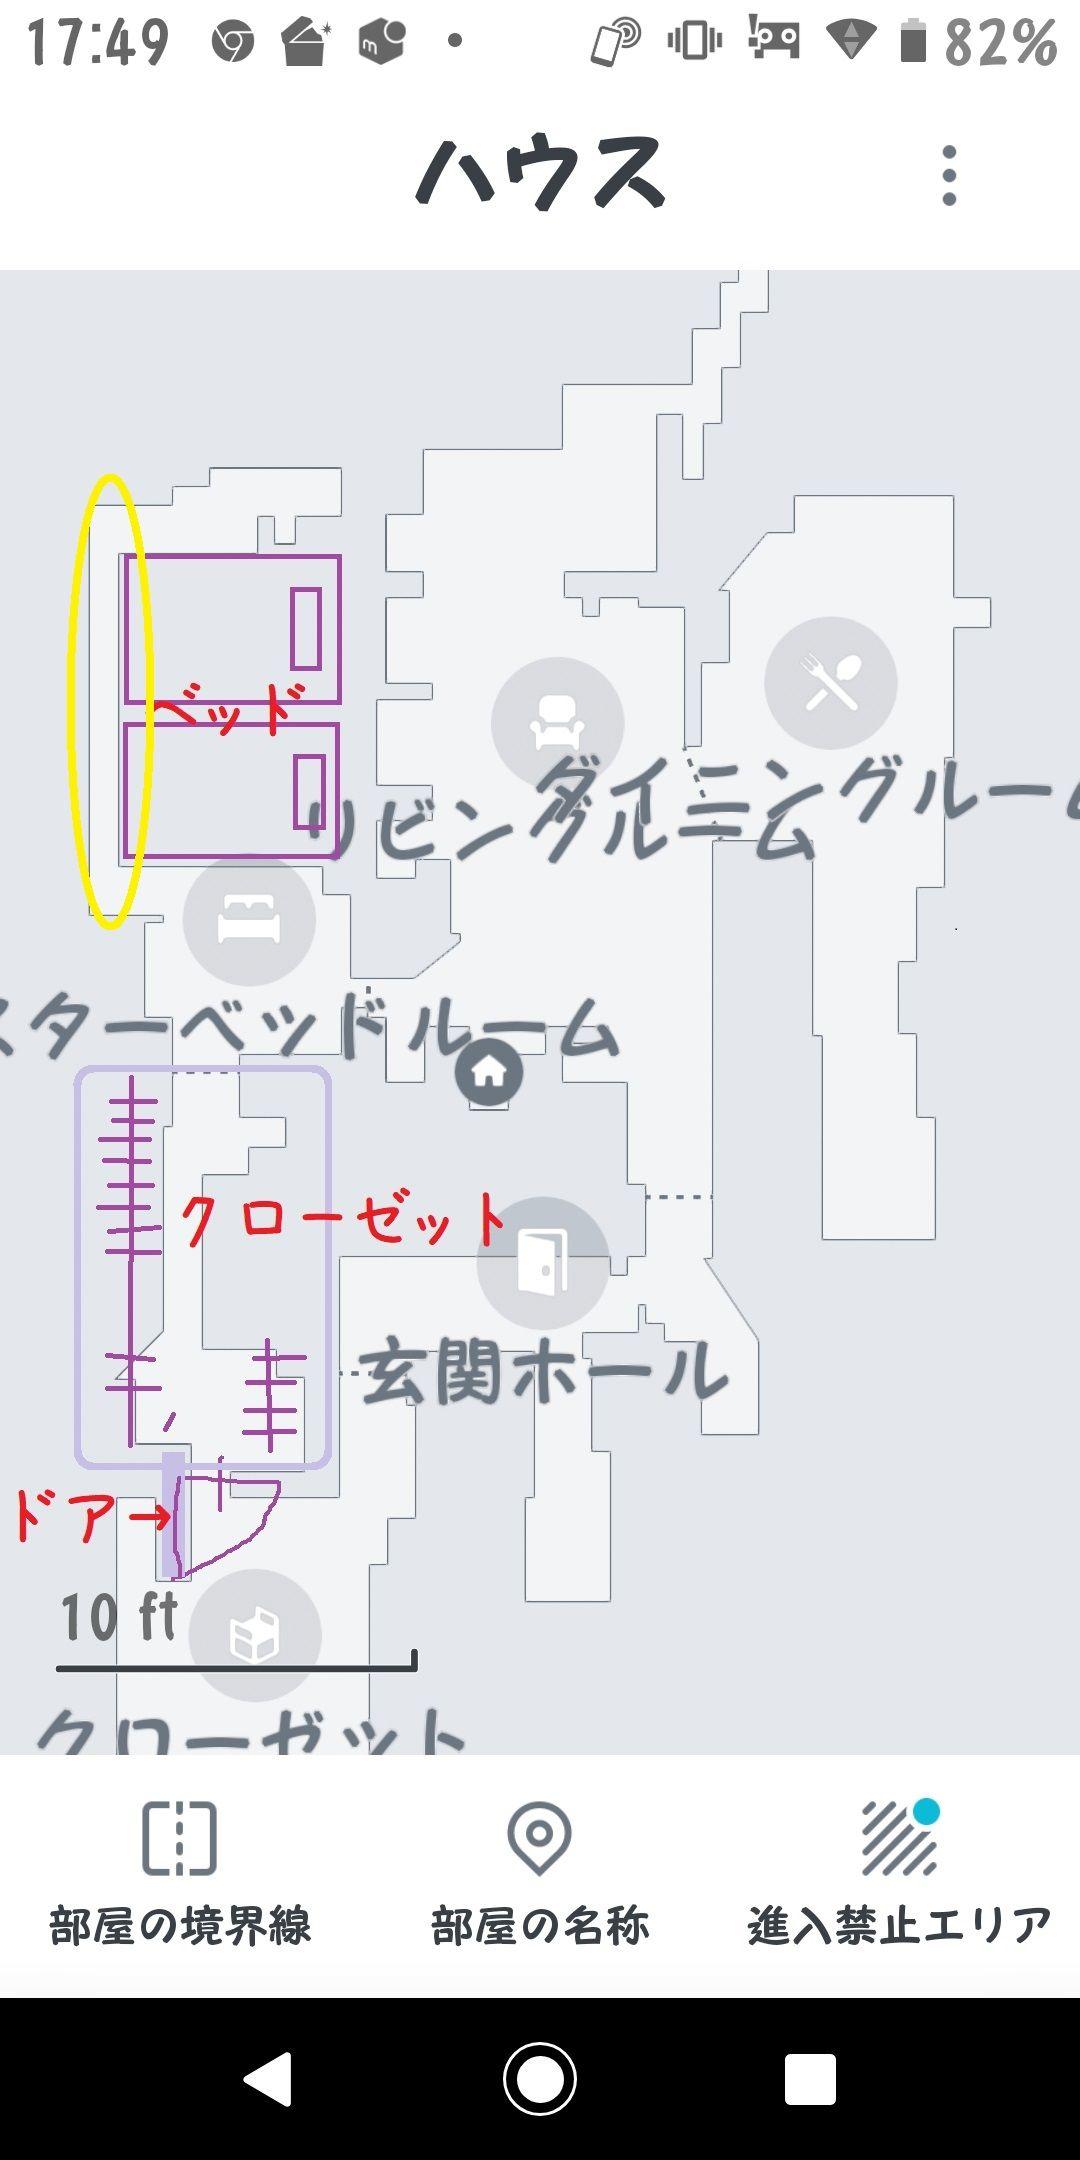 ブラーバジェットm6_マップ_ベッド